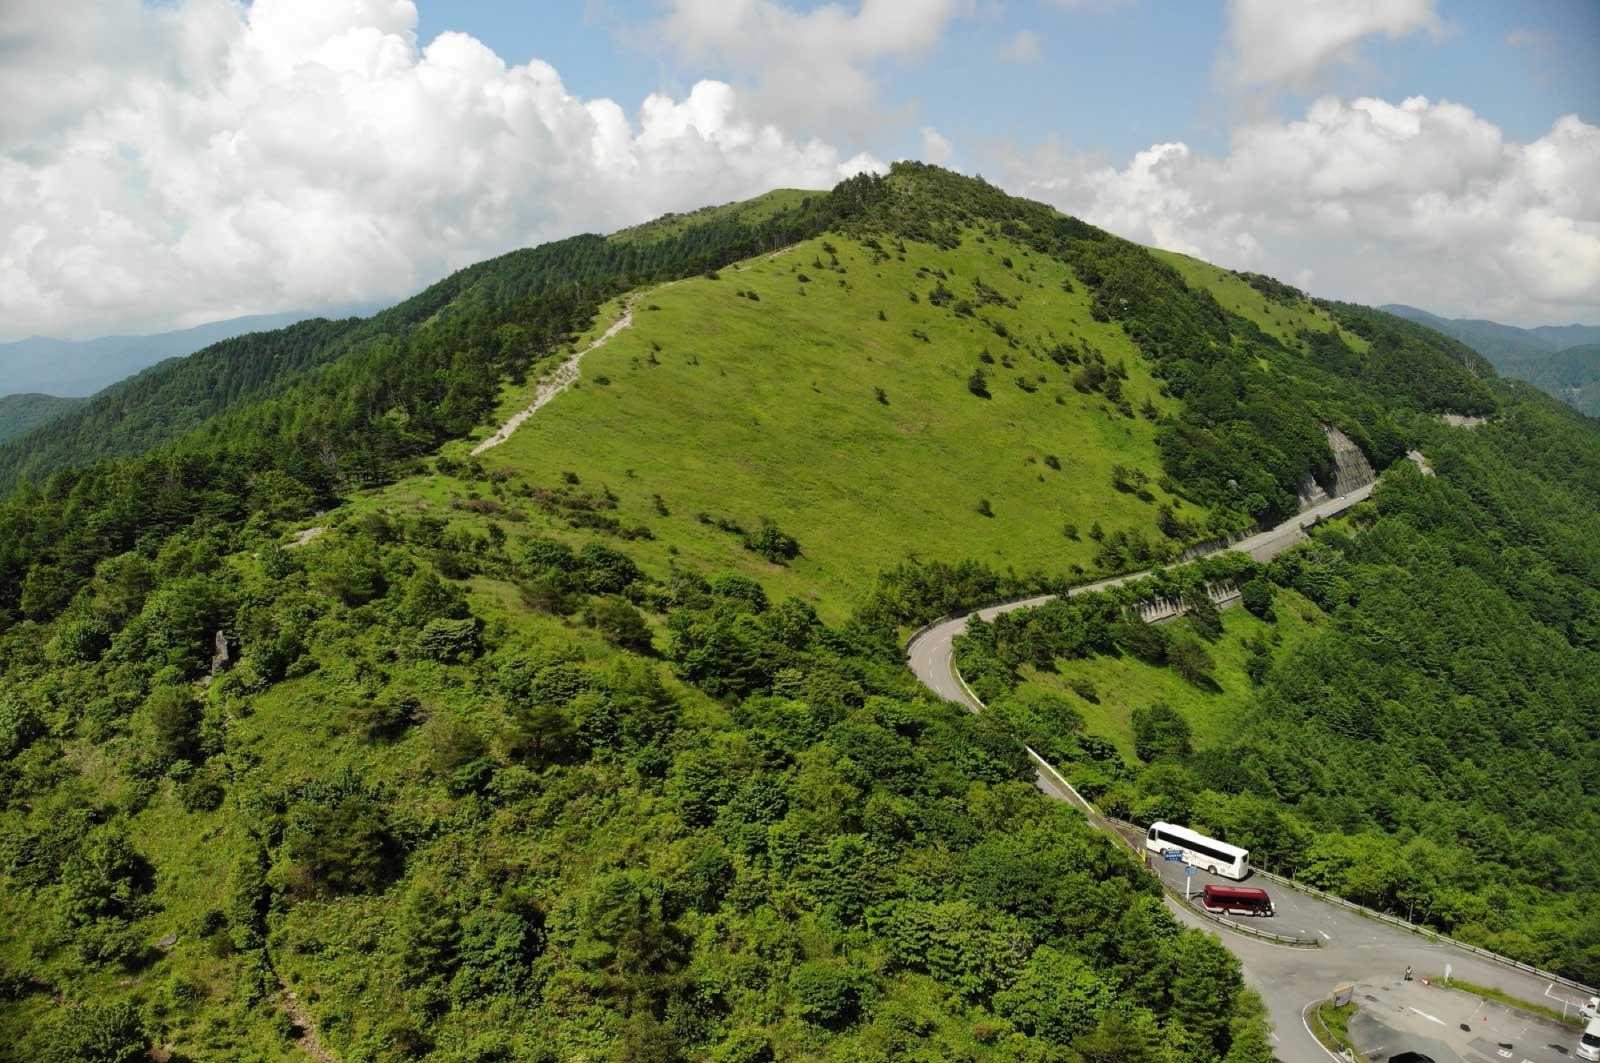 長野県茅野市から上田市までをつなぐ、全長76kmにも及ぶ、複数の市・国道がつながる道路